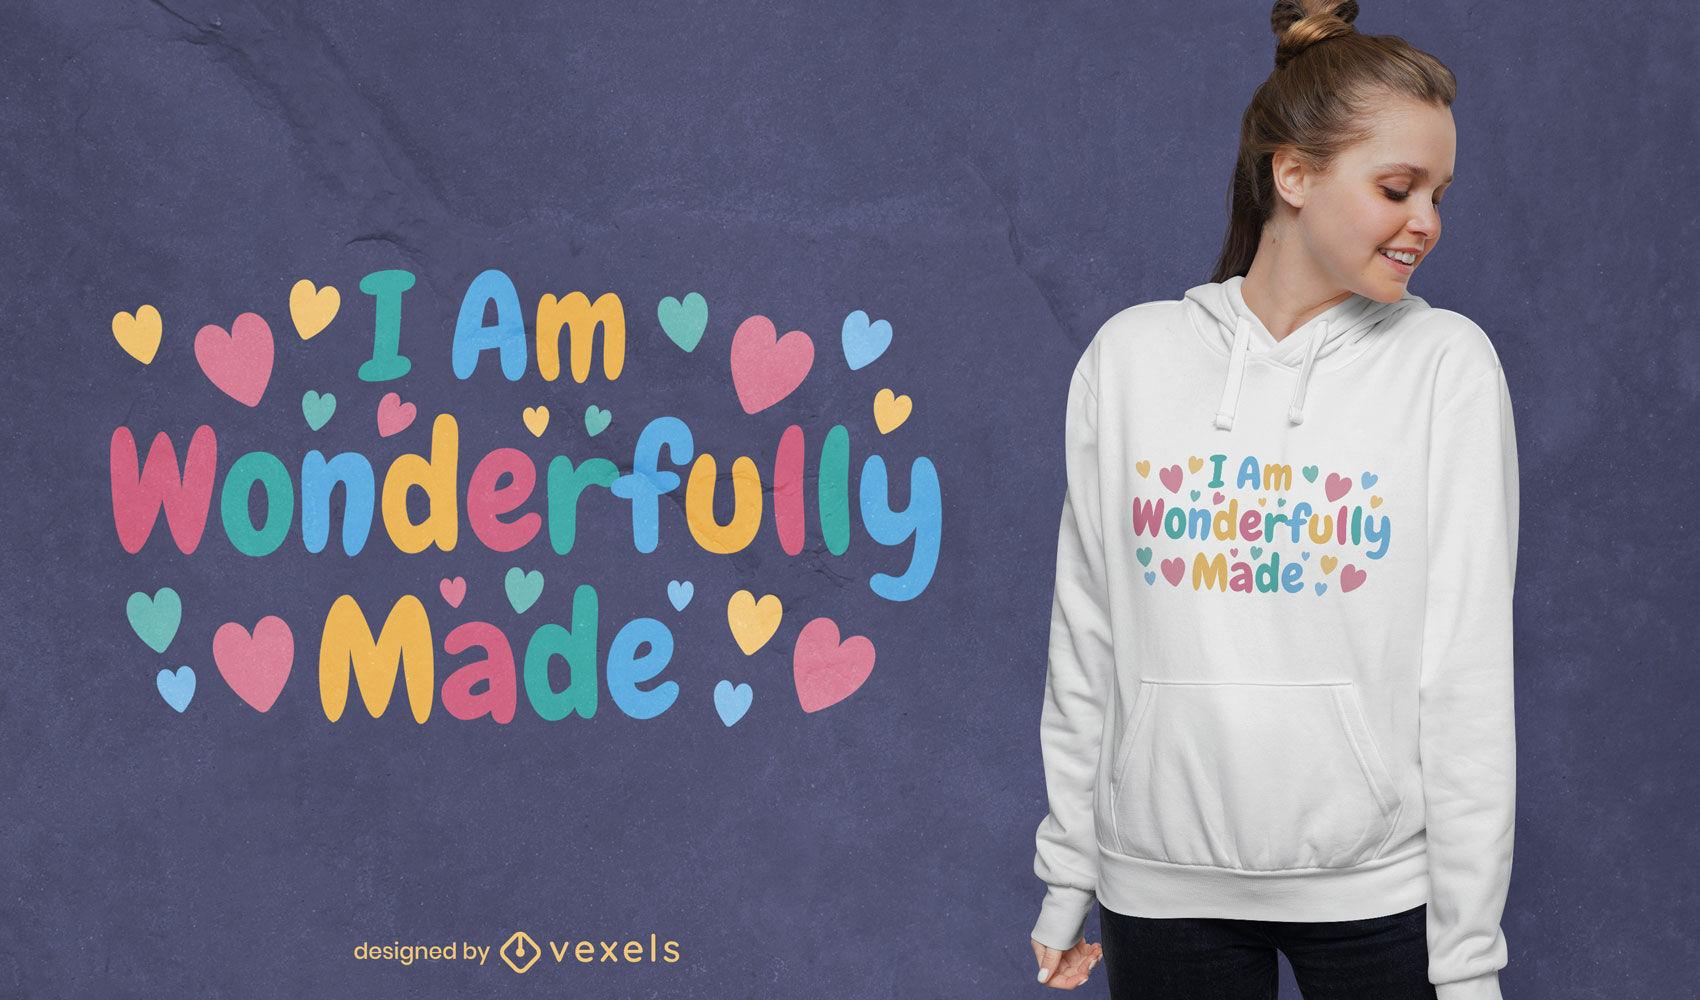 Lovely wonderfully made t-shirt design